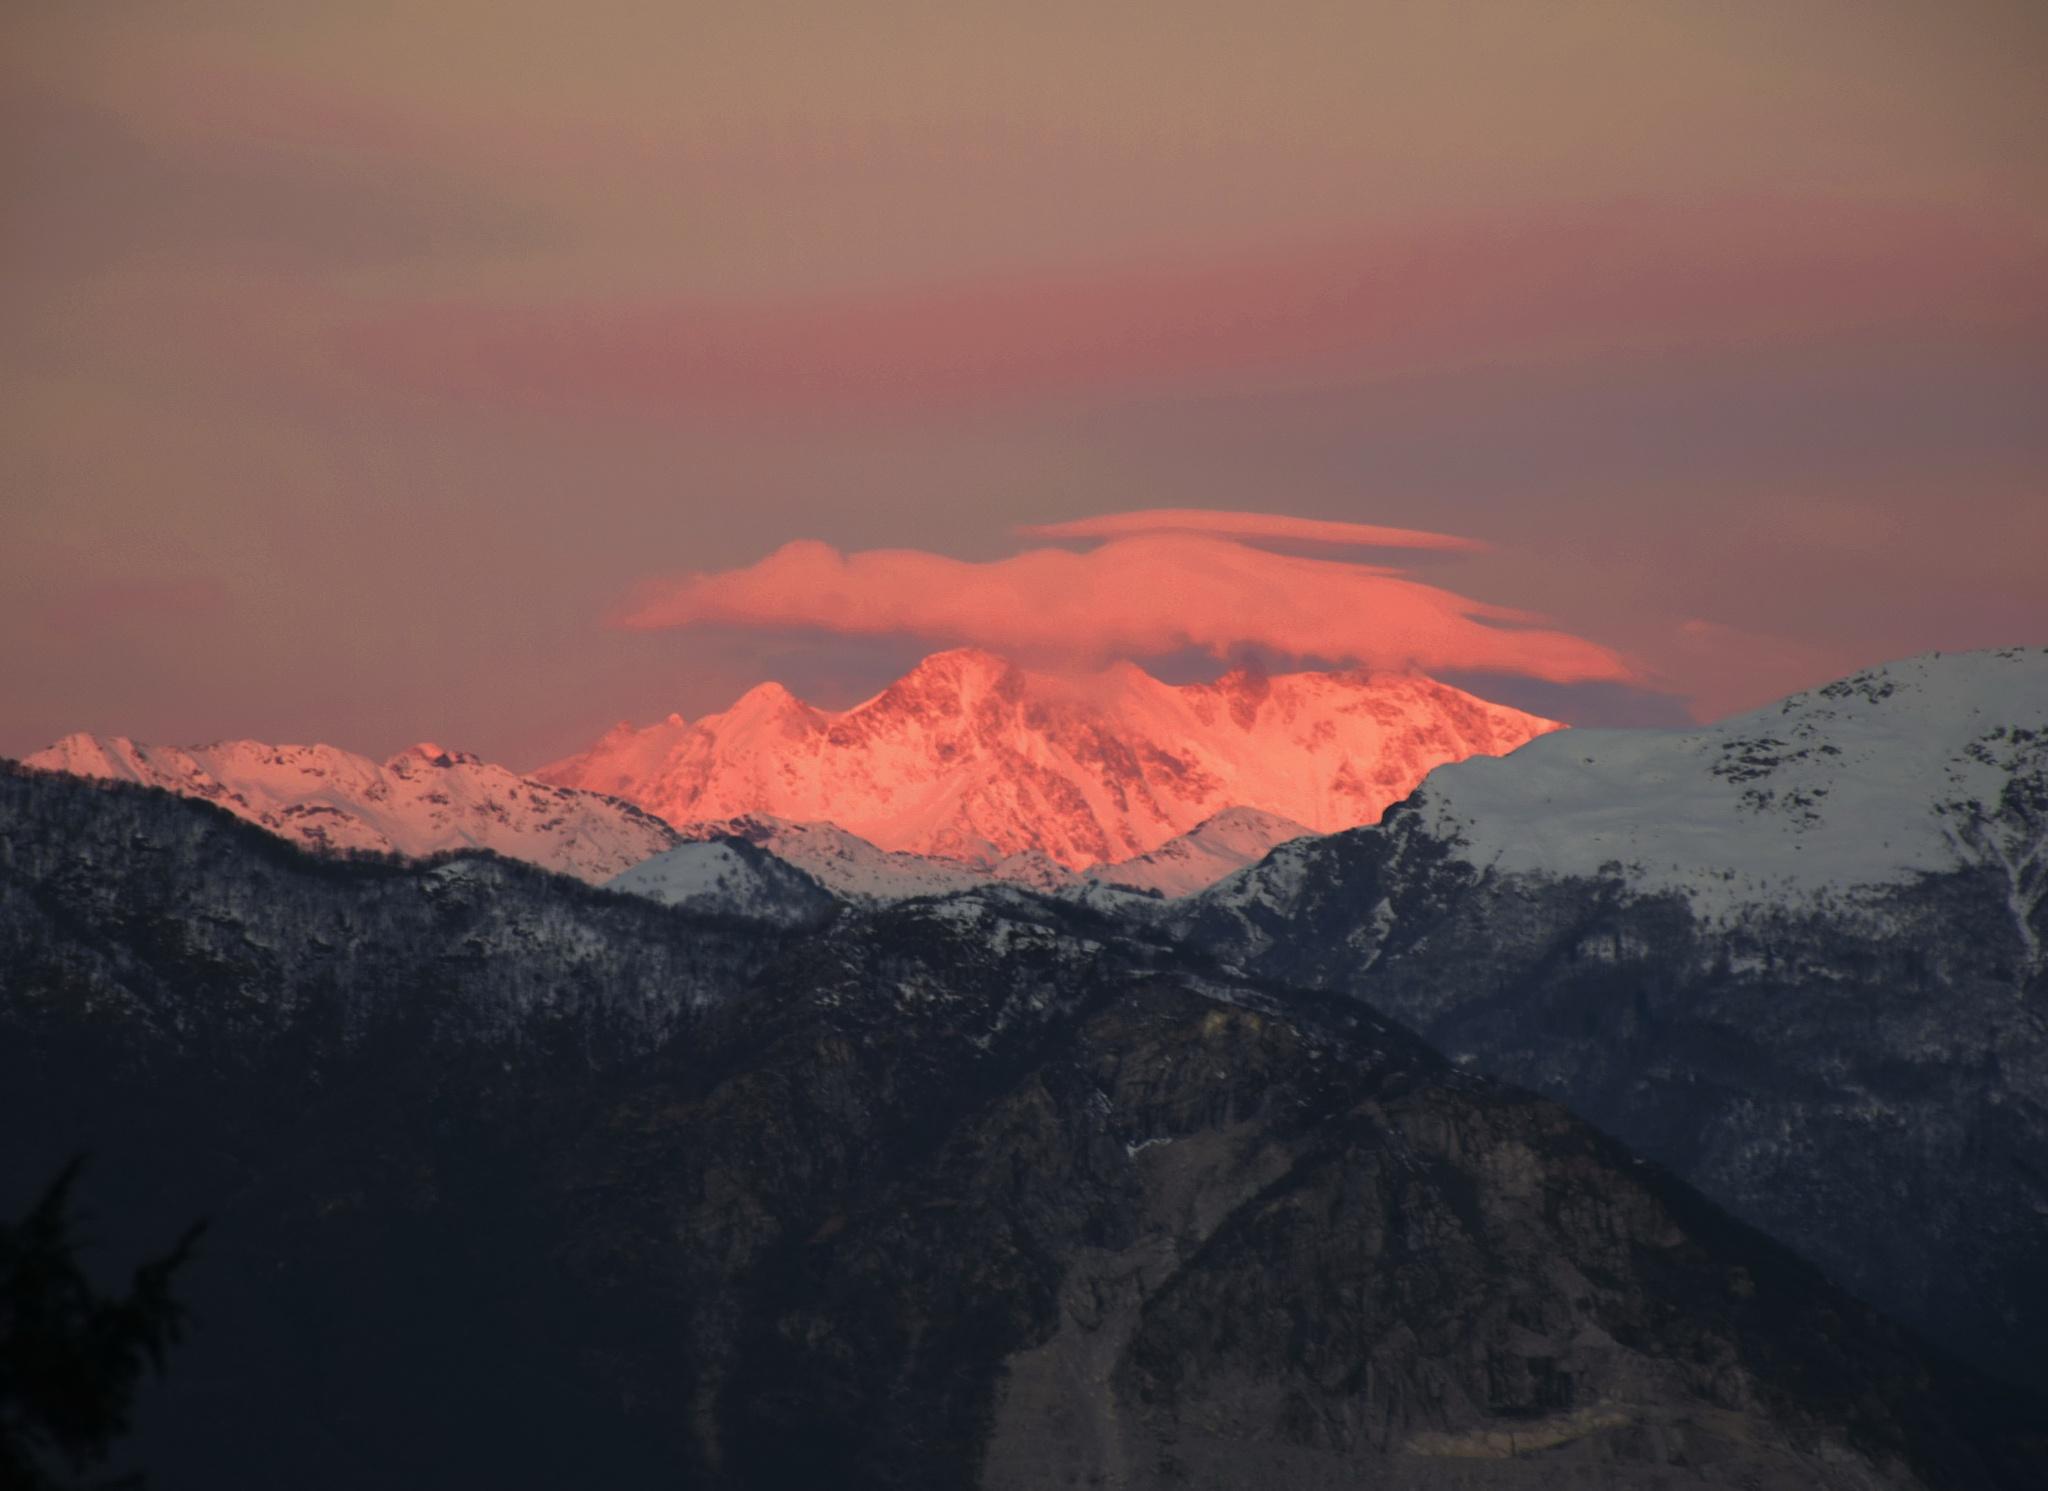 tramonto by v2franchi